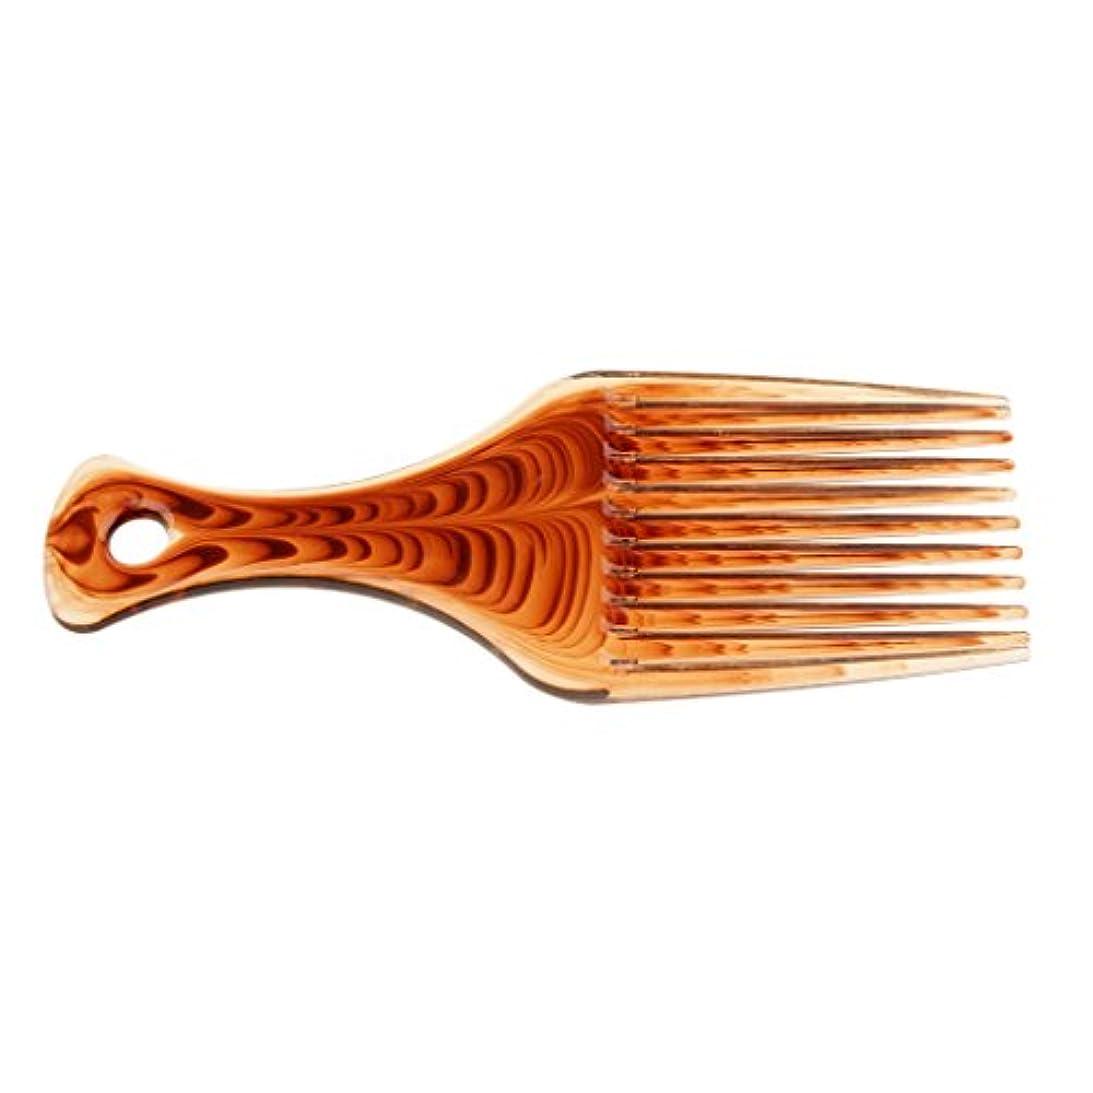 Blesiya ヘアブラシ 髪の櫛 アフロ 櫛 プロ 実用的 ヘアスタイリング 持ち上げ ヘアブラシ